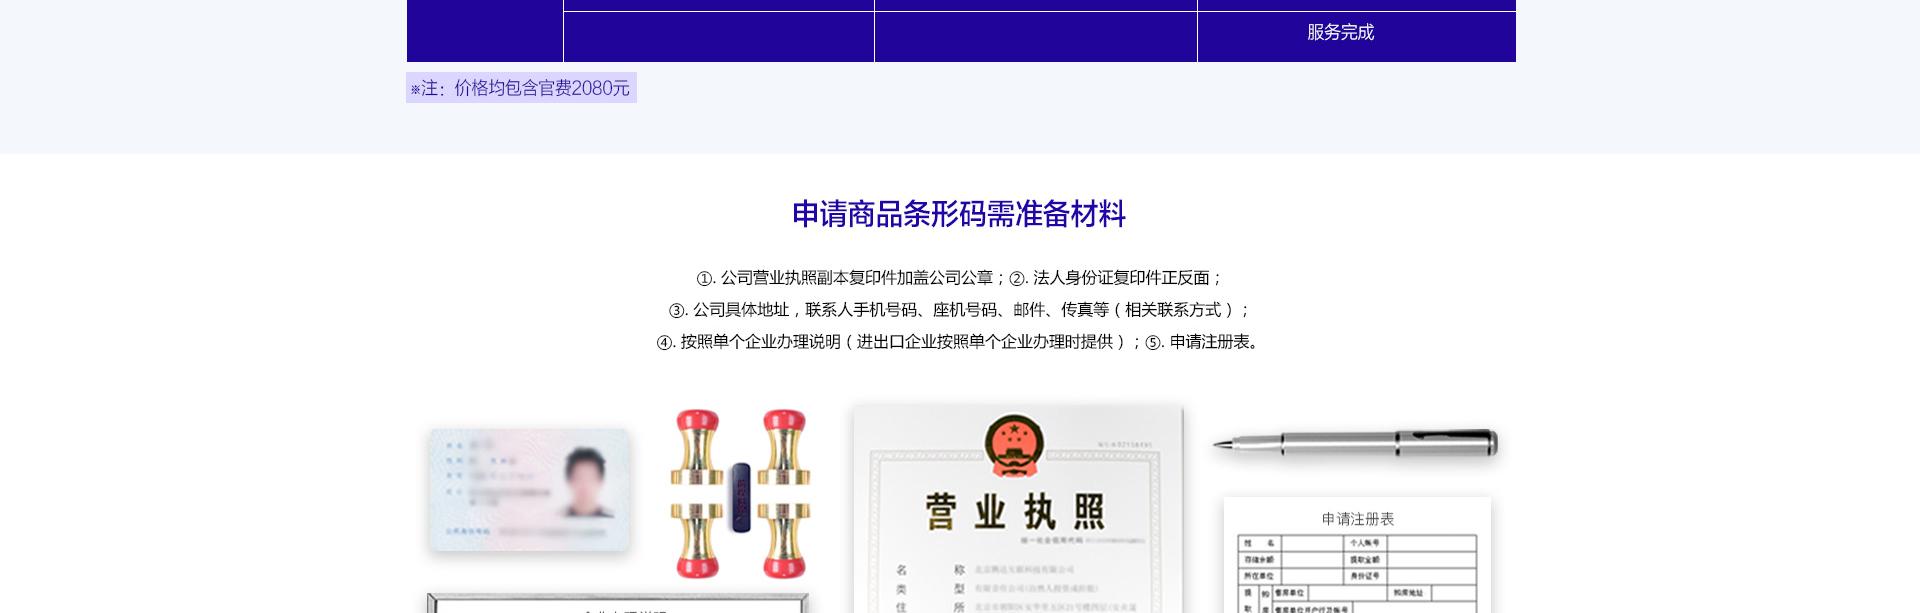 商品条形码-PC_07.jpg